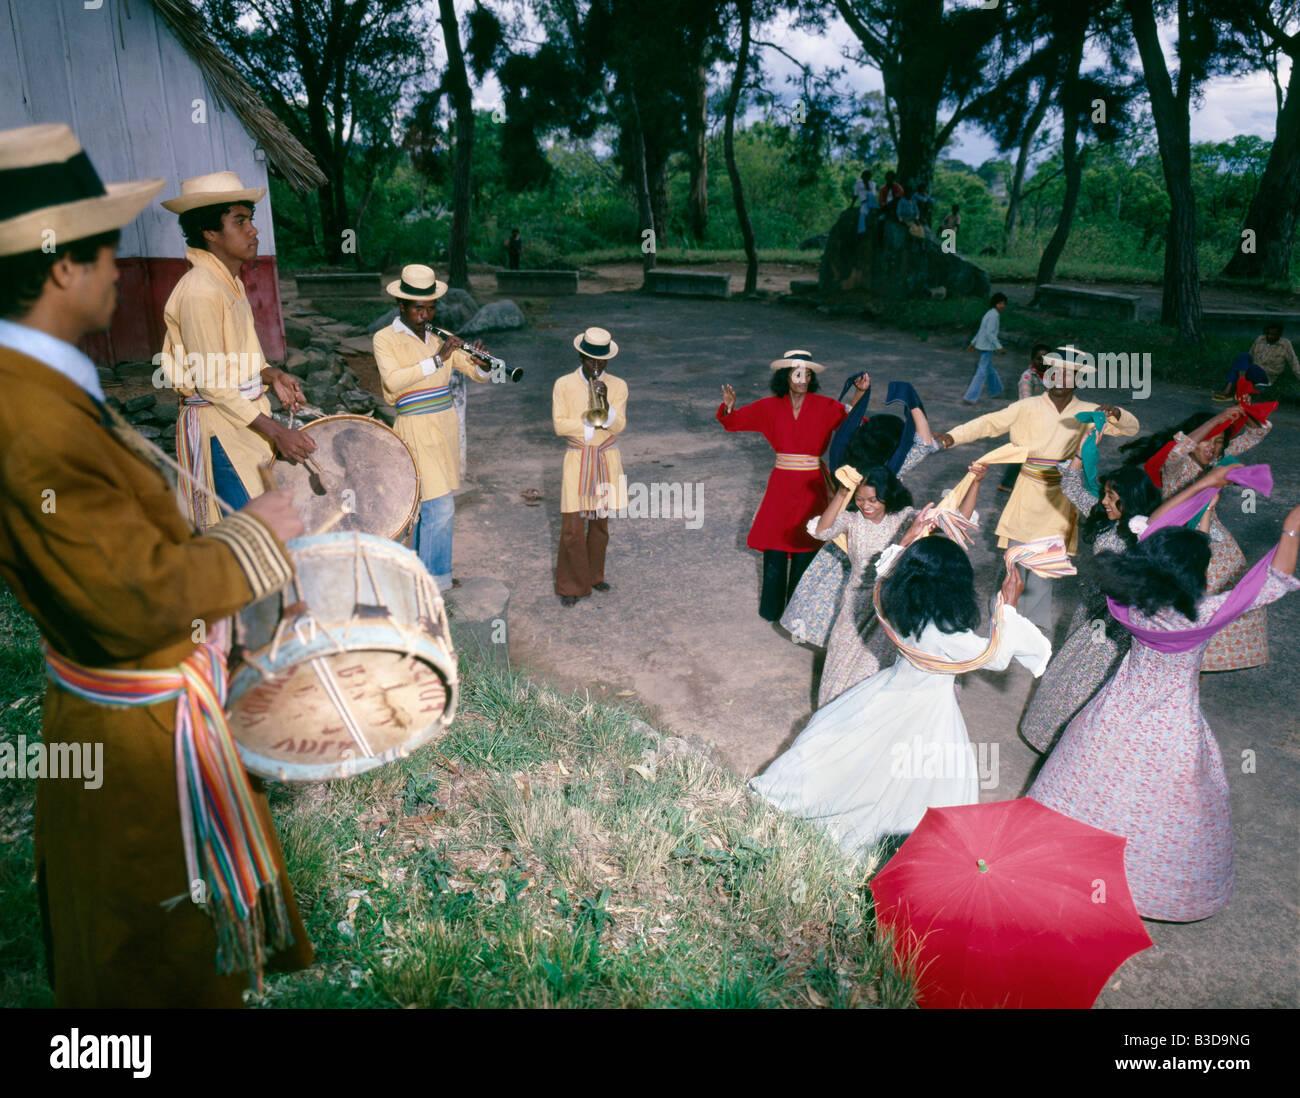 Folclore madagascar rendimiento de danza tradicional en el pueblo de África Madagascar Madagascar Madagascar Imagen De Stock